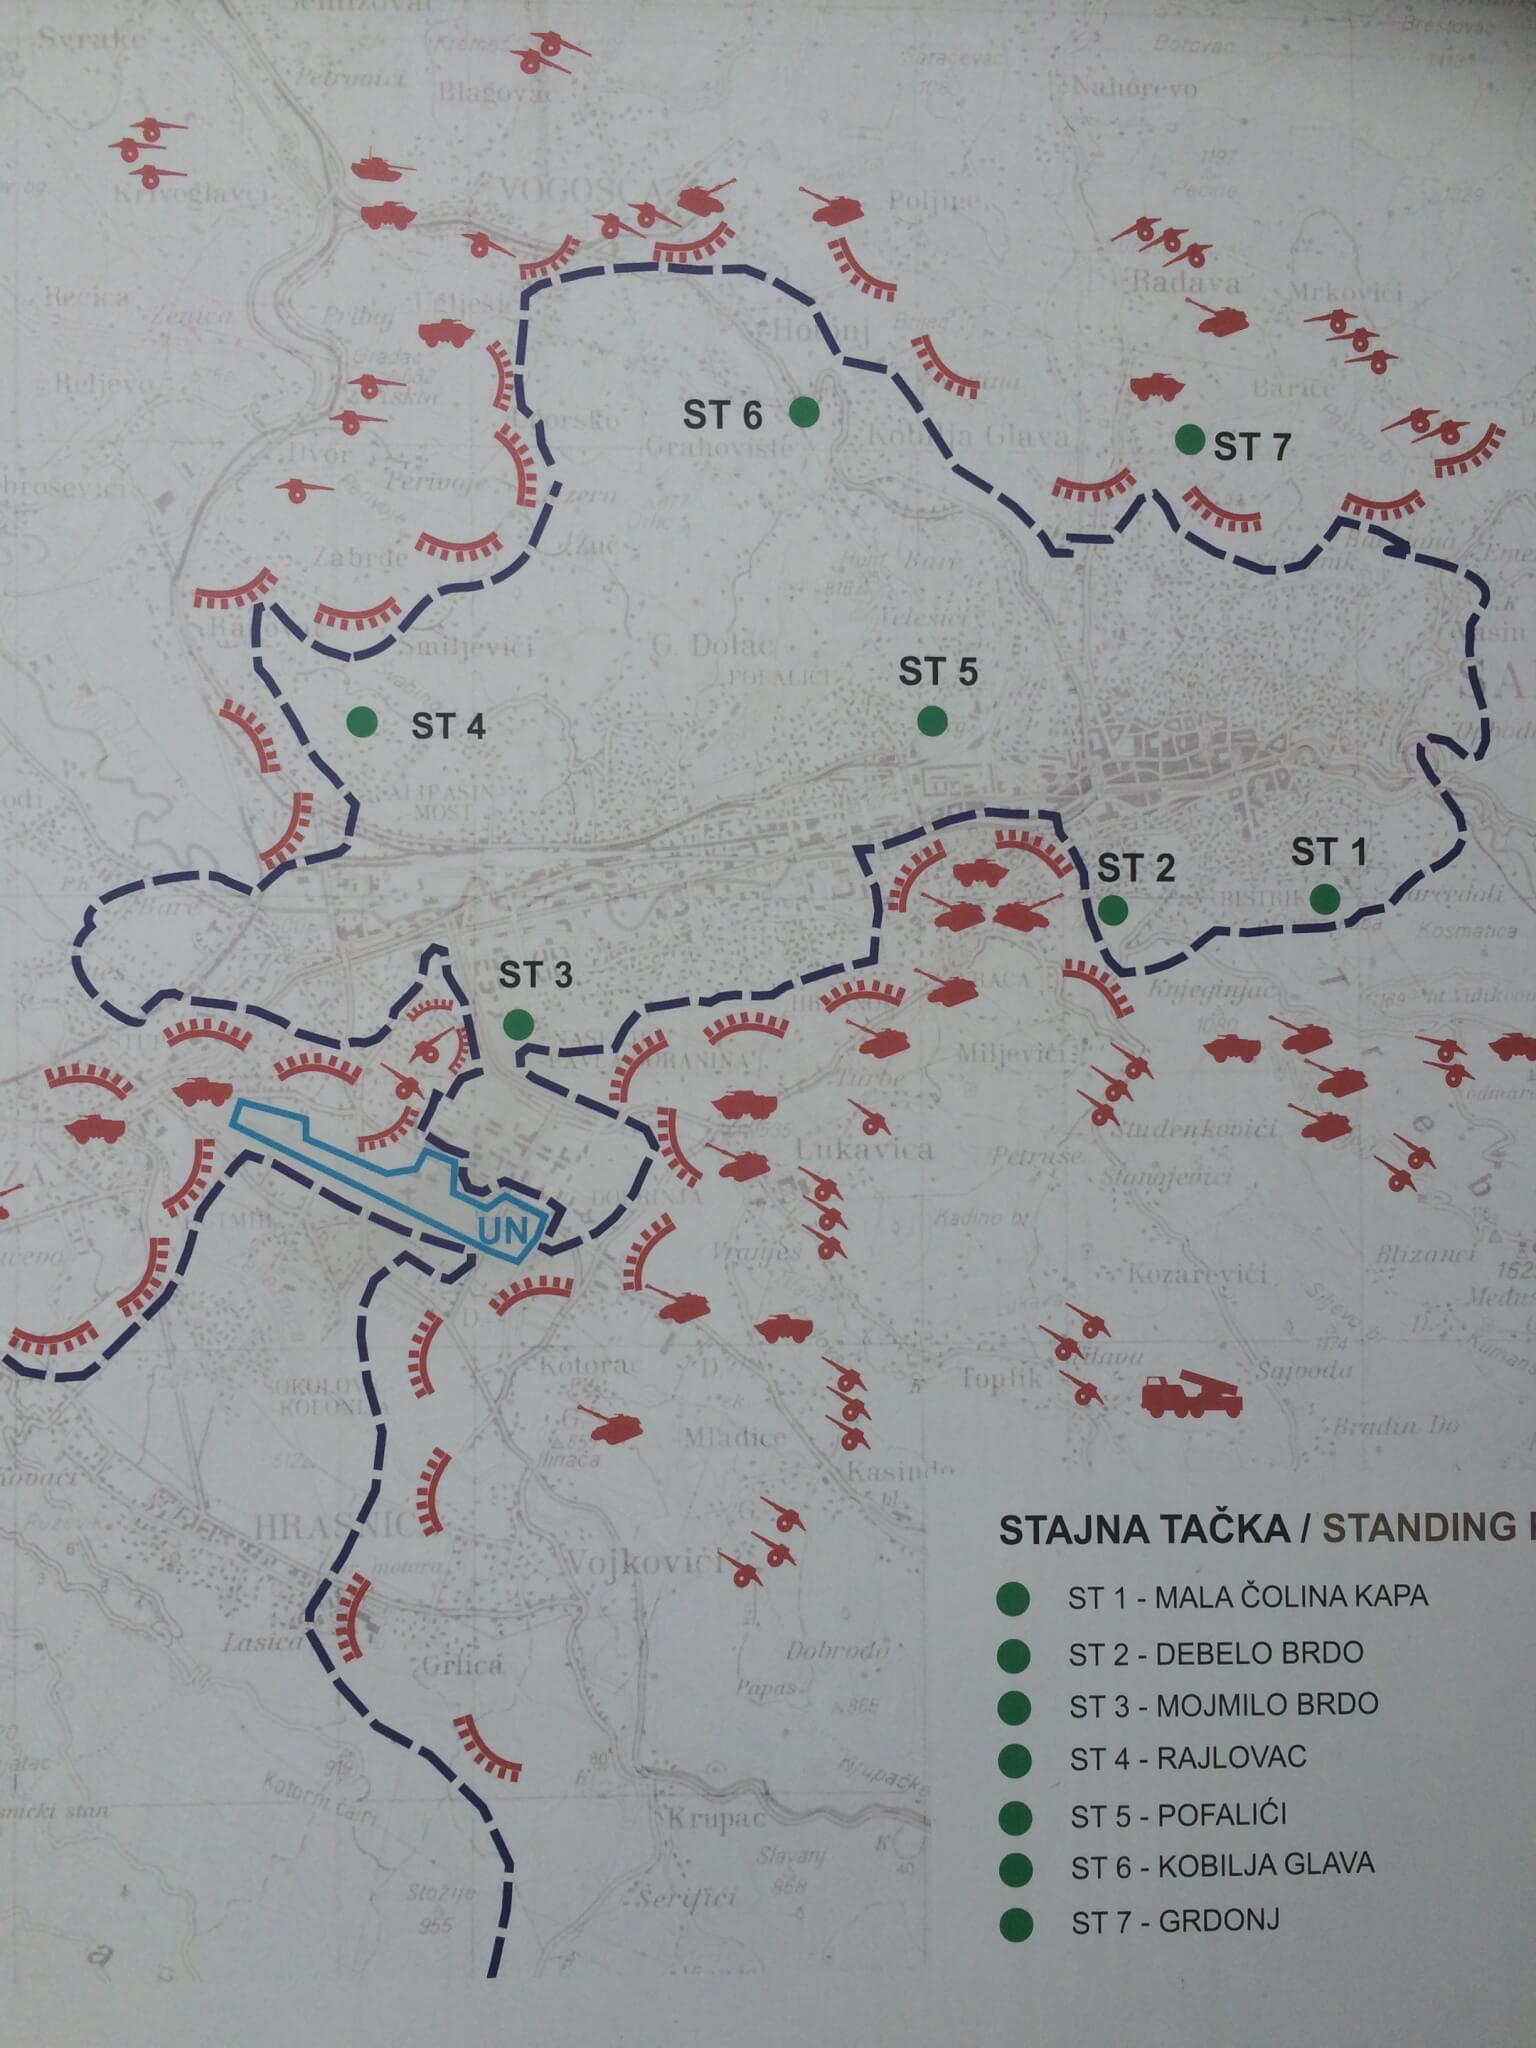 The siege of Sarajevo